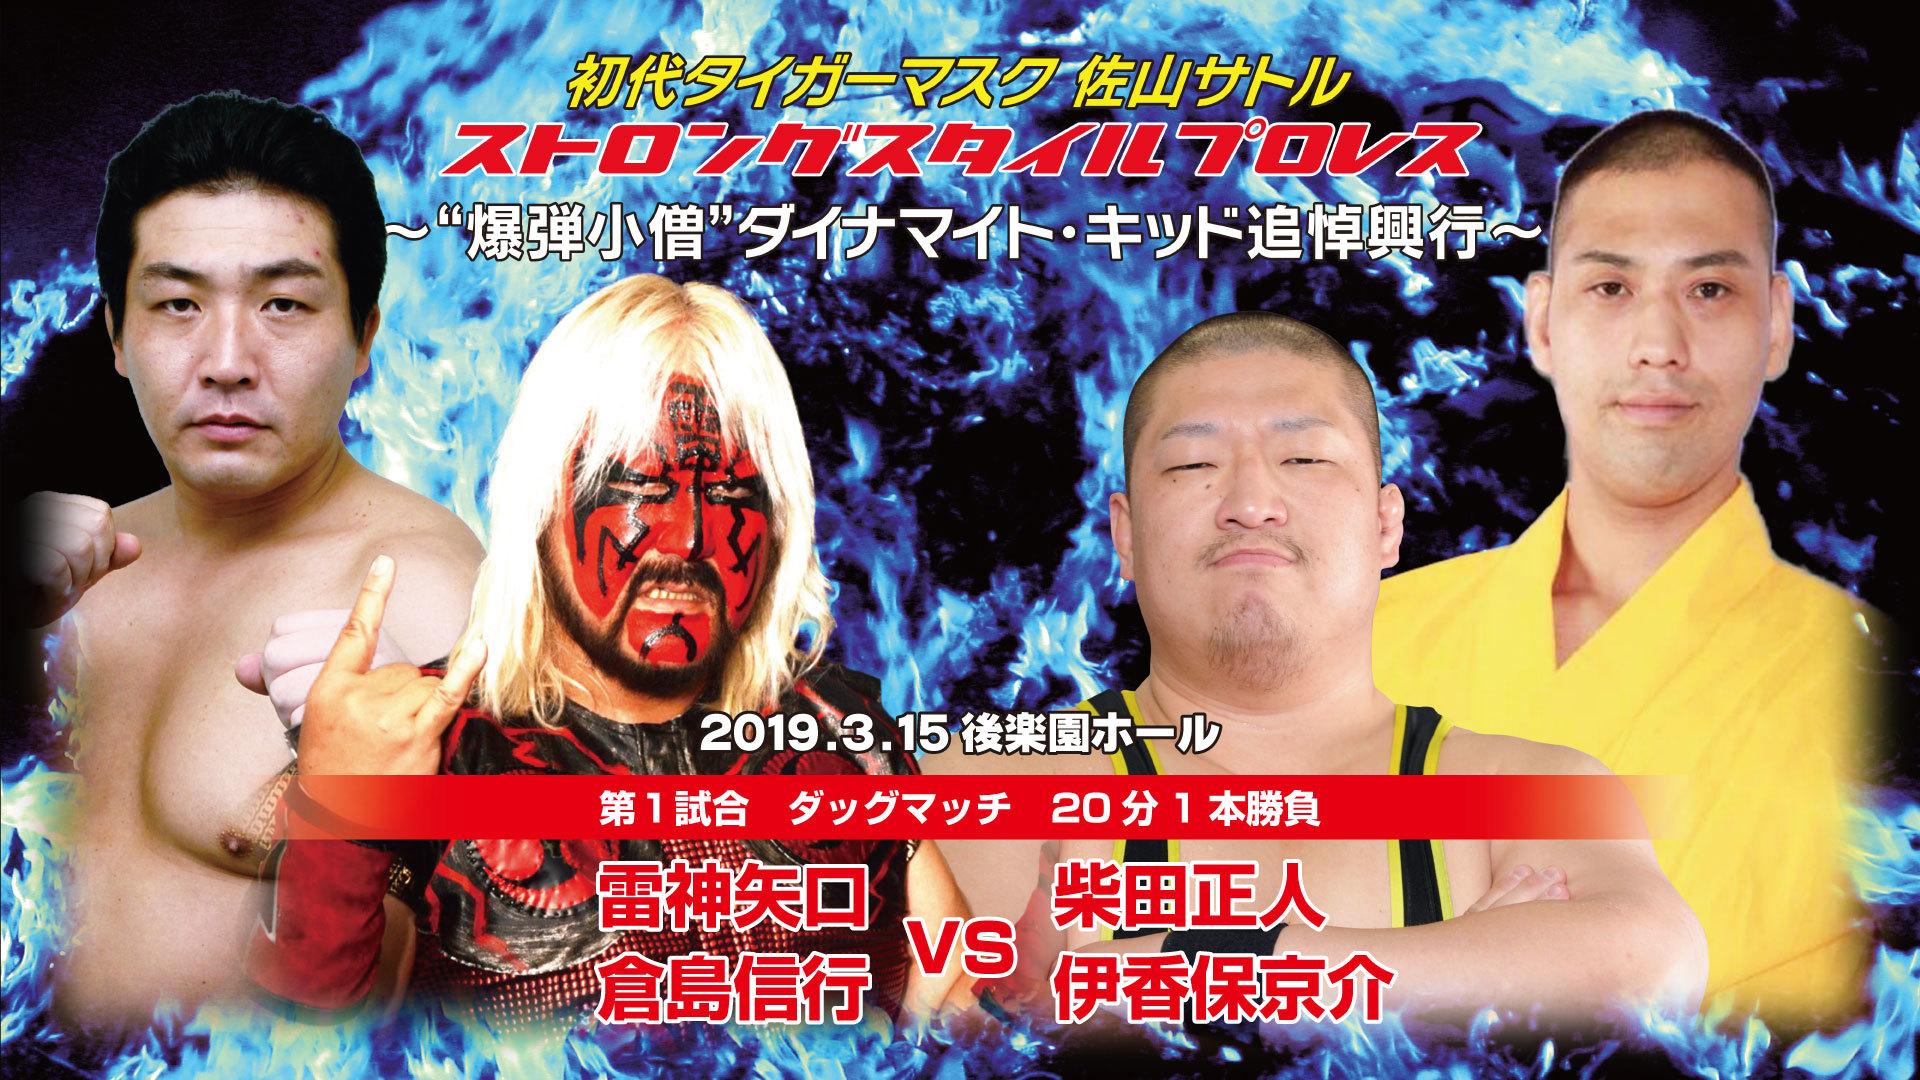 第1試合では伊香保京介が雷神矢口、倉島信行といったベテランに挑む